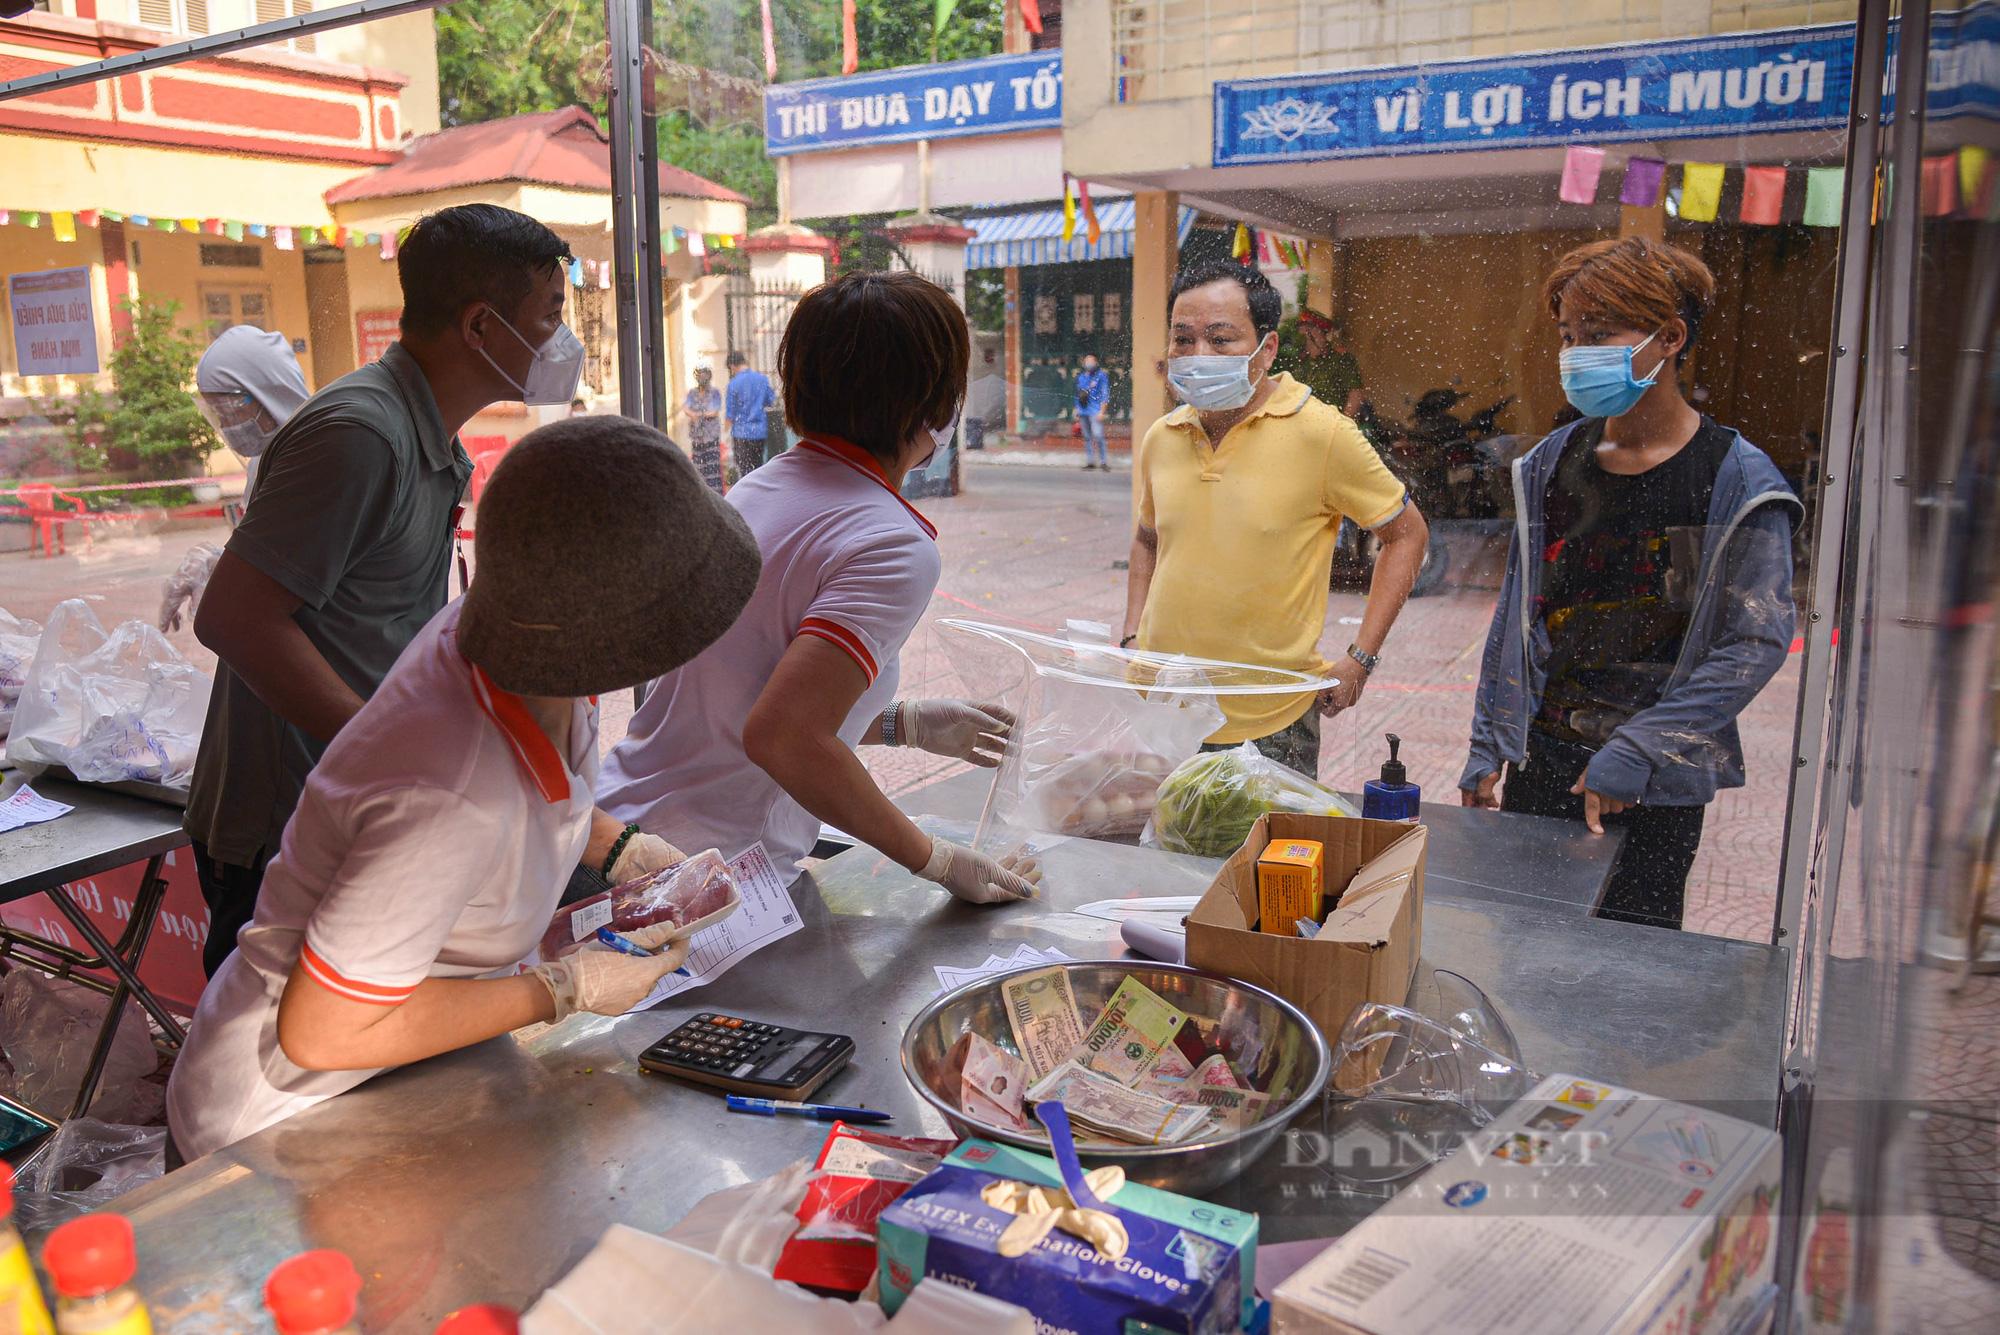 Hà Nội: Điểm bán hàng lưu động thuận lợi cho người dân trong mùa dịch - Ảnh 4.